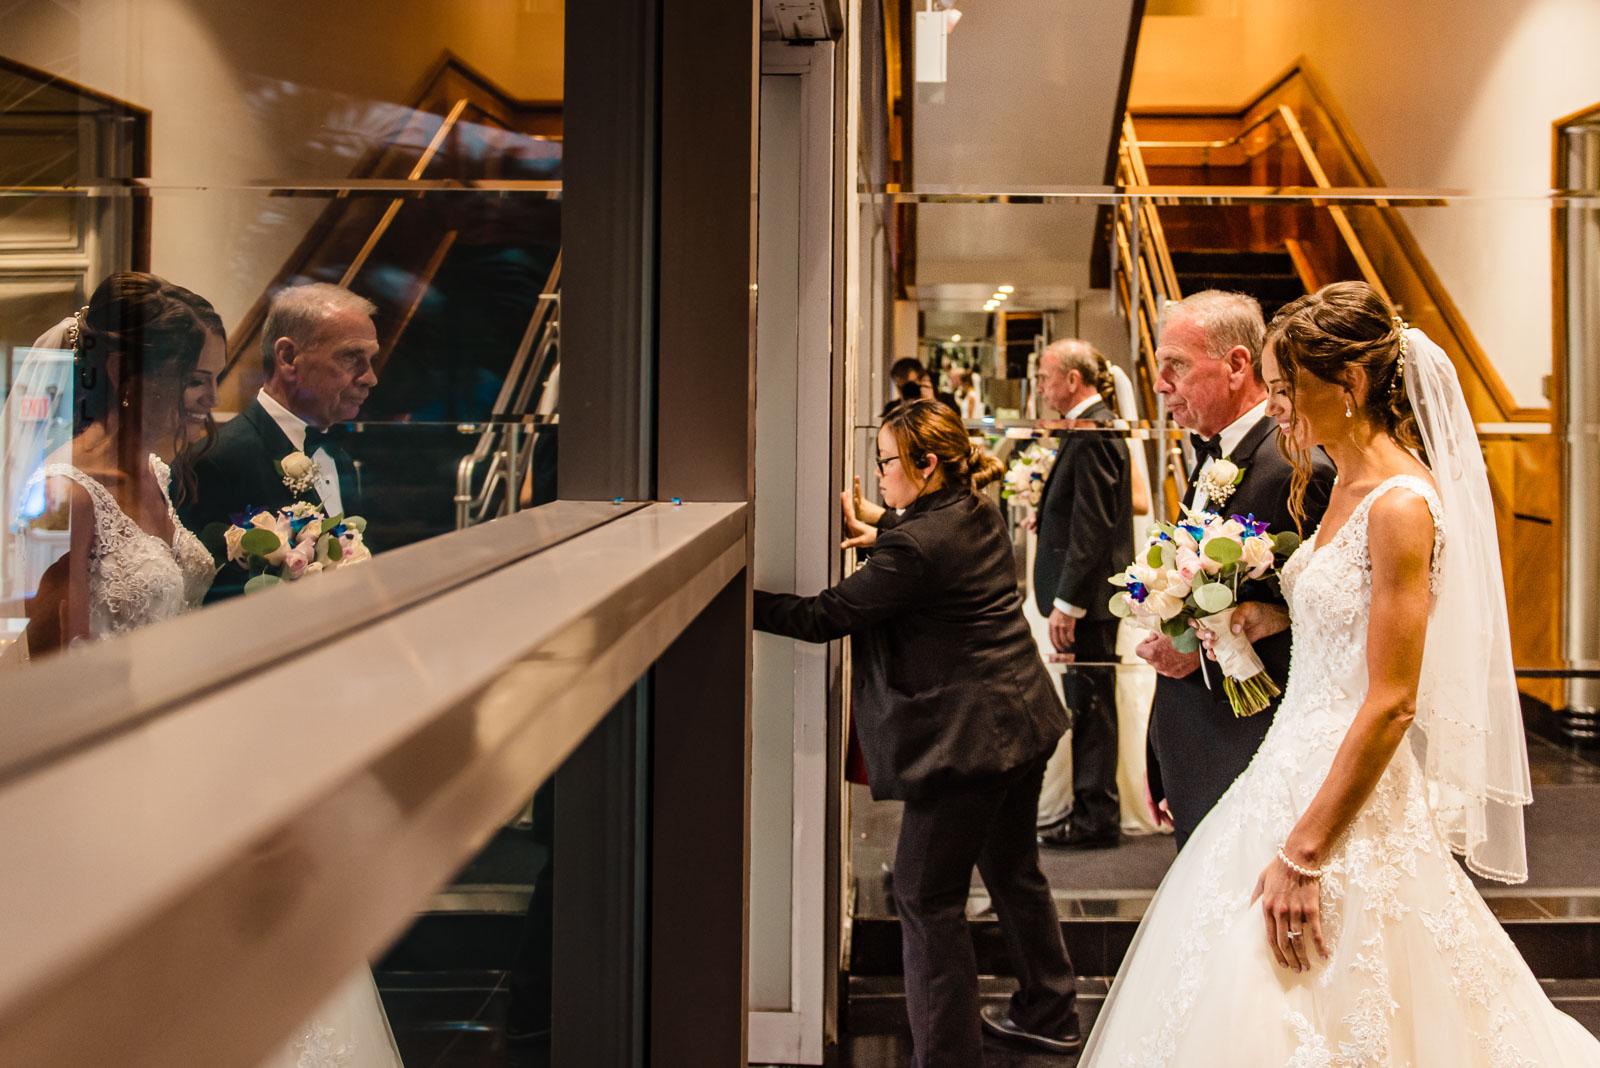 Wedding ceremony bride and her dad enter